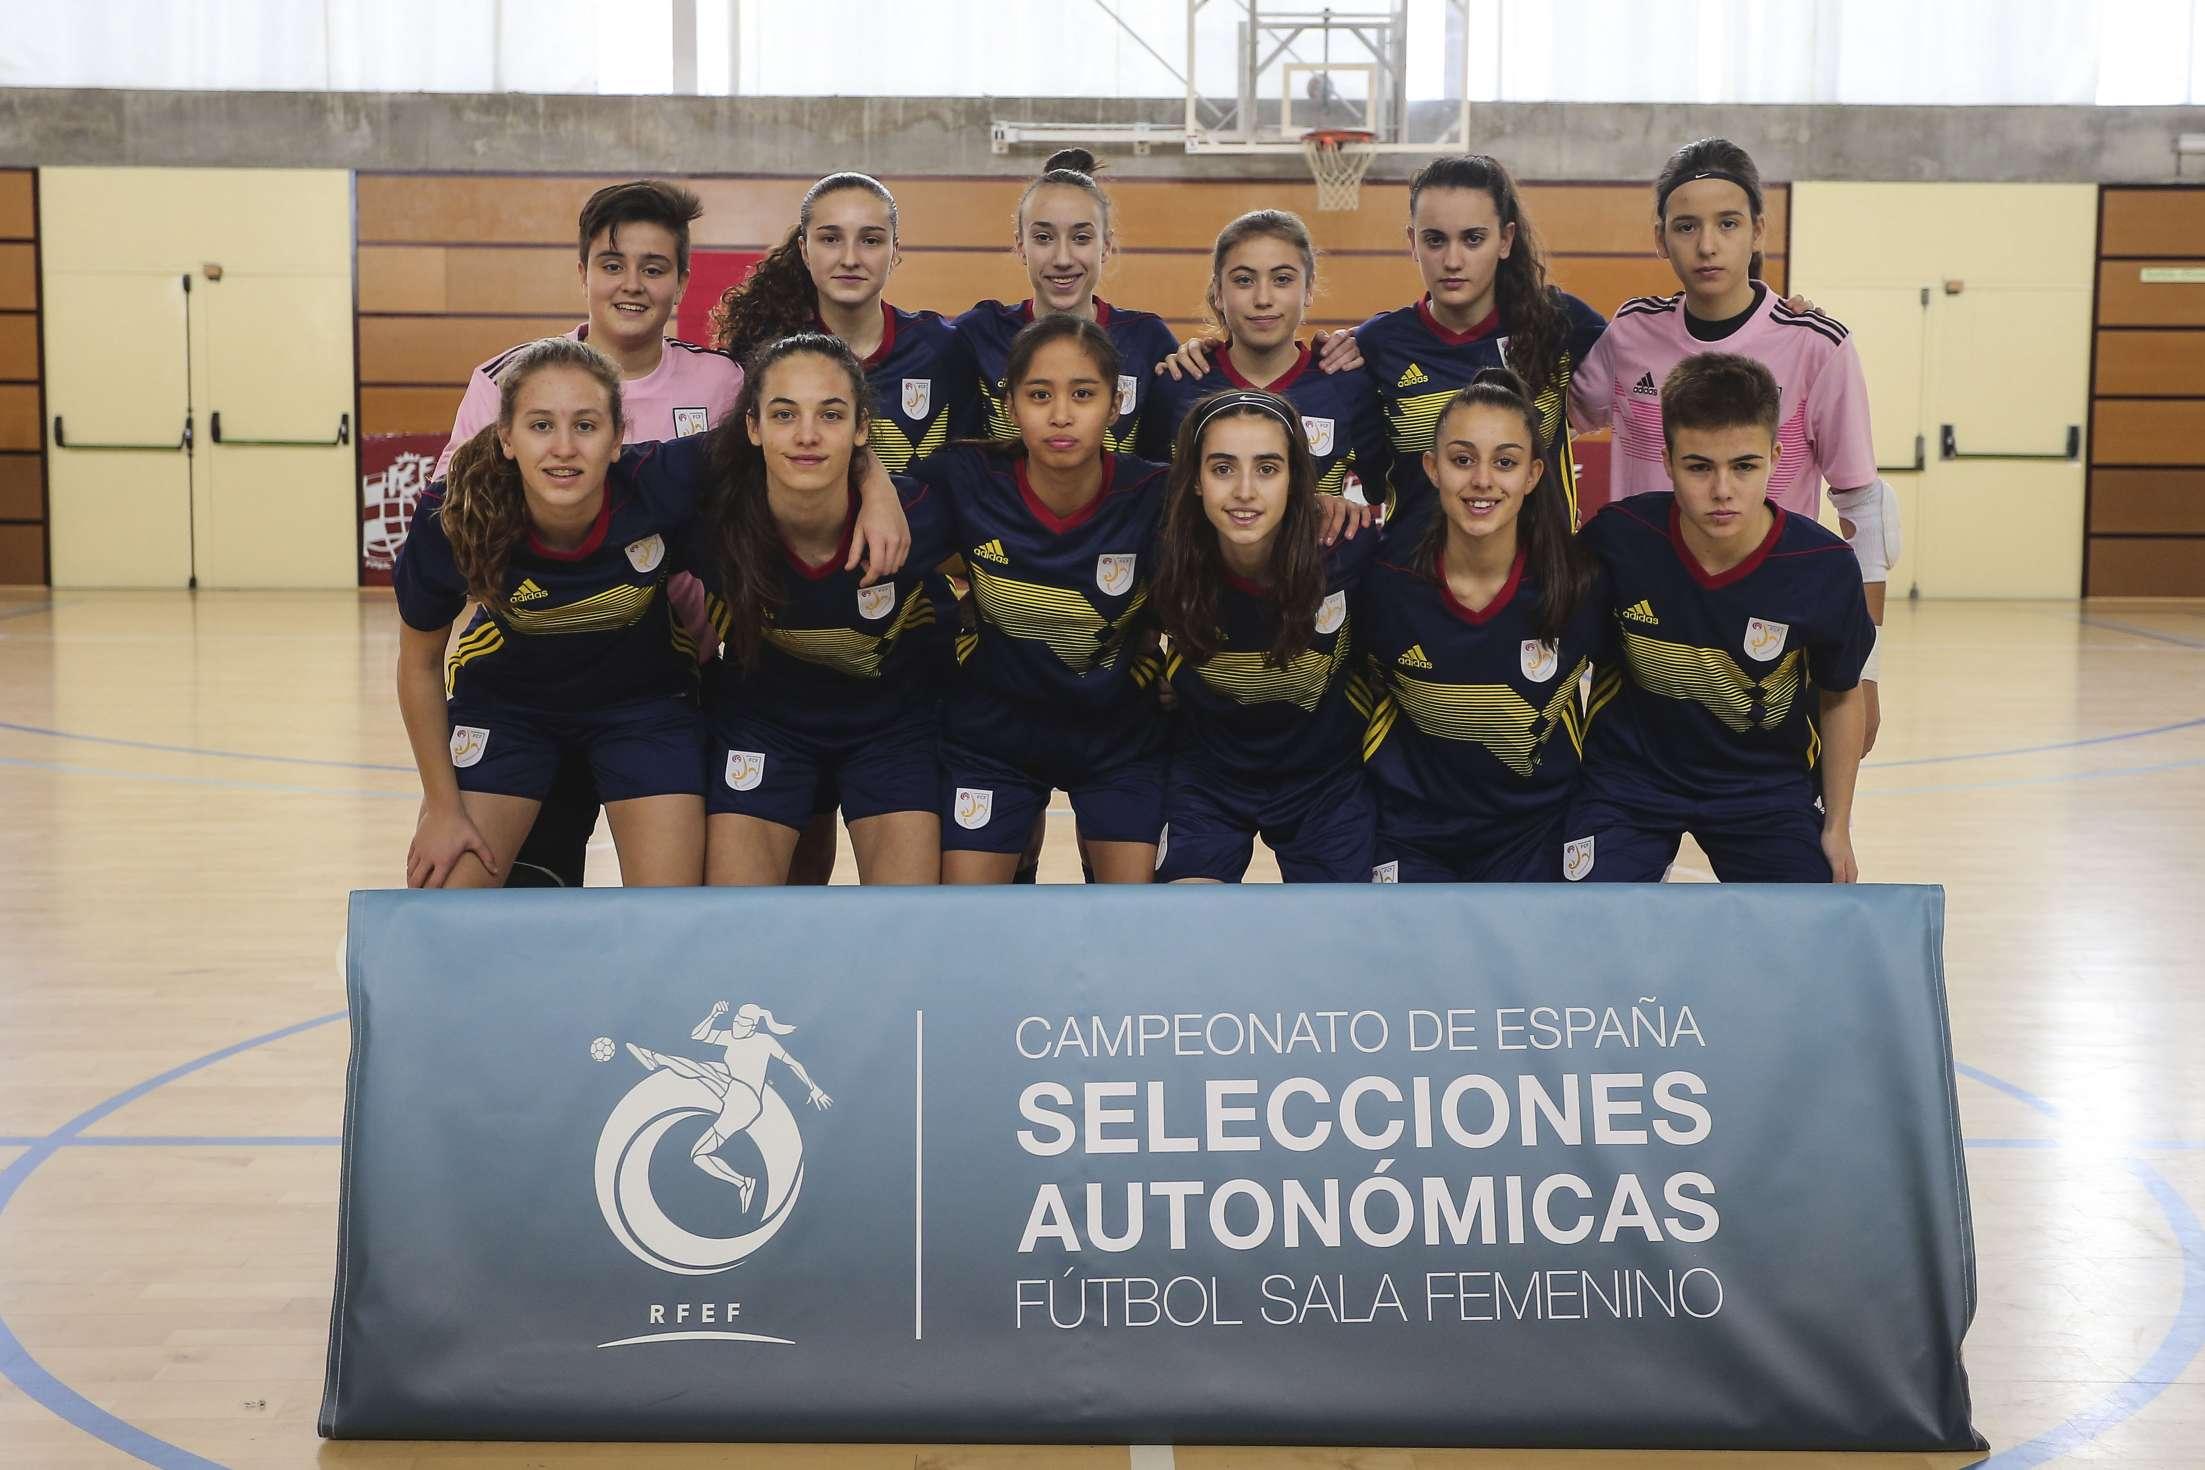 Júlia Sanz, de la Concòrdia, es classifica amb Catalunya per a la fase final del Campionat d'Espanya sub-16